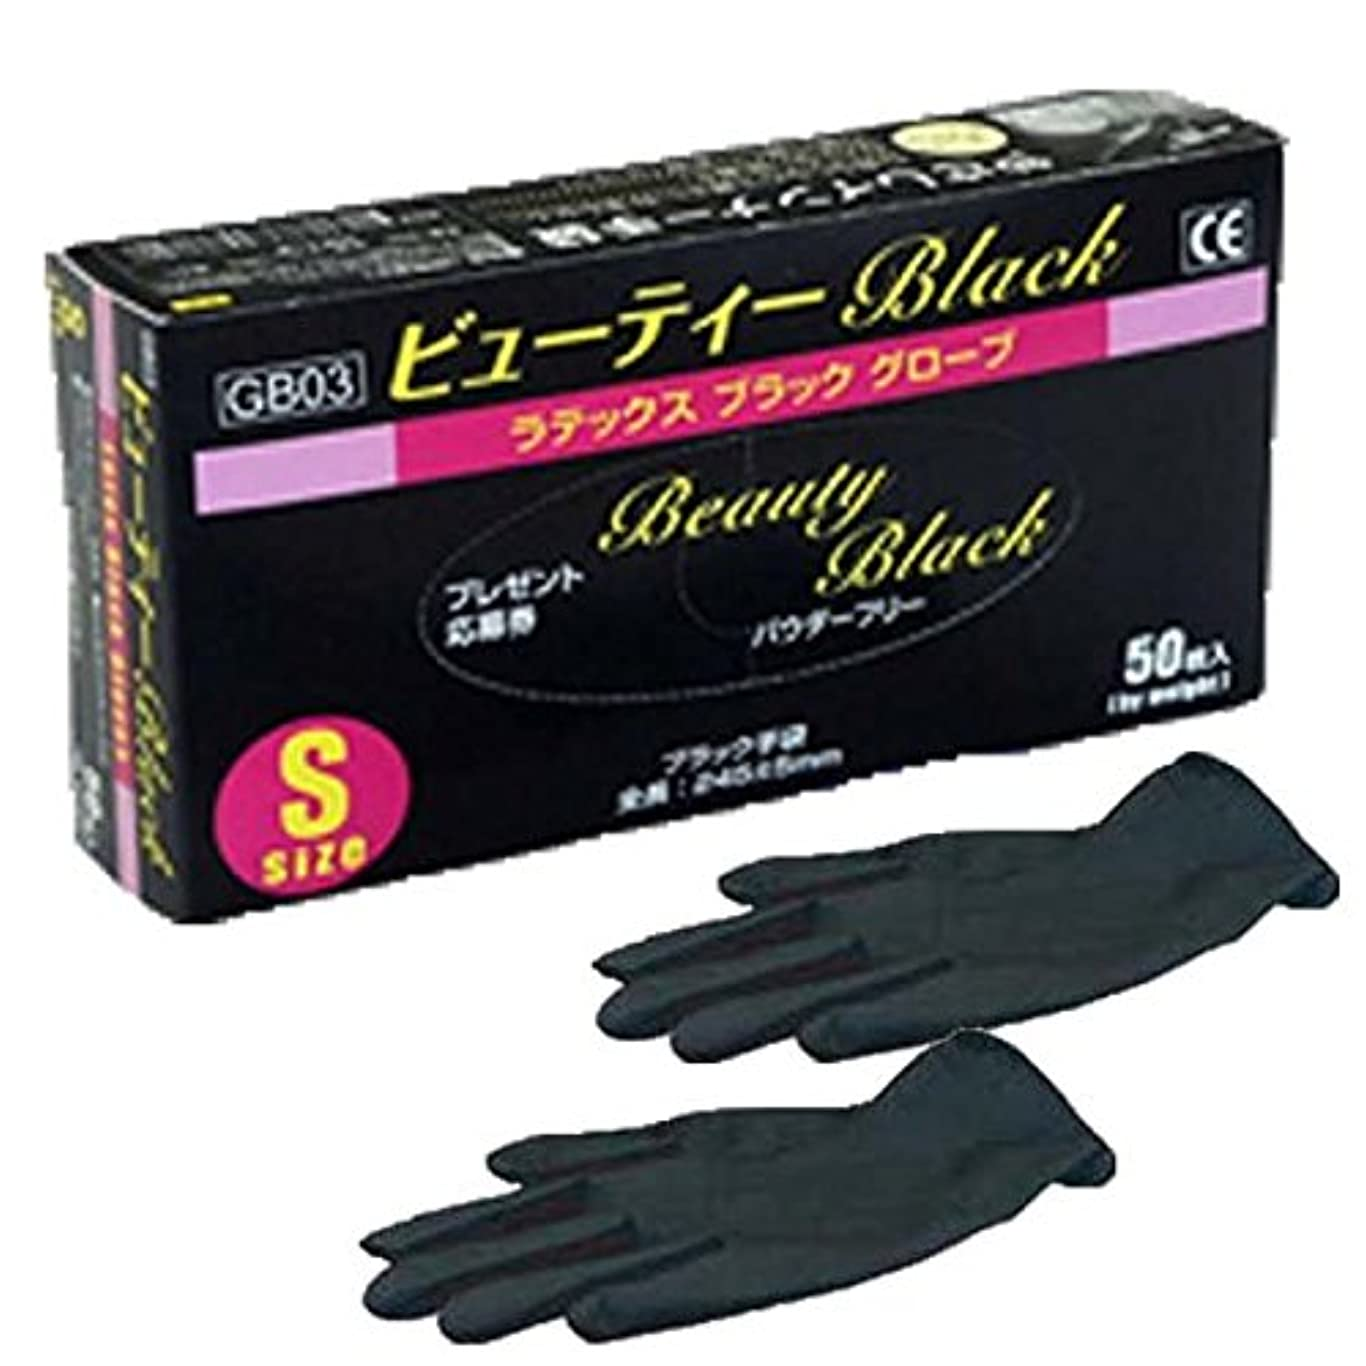 伝導率キャンベラ独特のビューティー BLACK ラテックス ブラック グローブ Sサイズ(6.5~7吋) 50枚入り